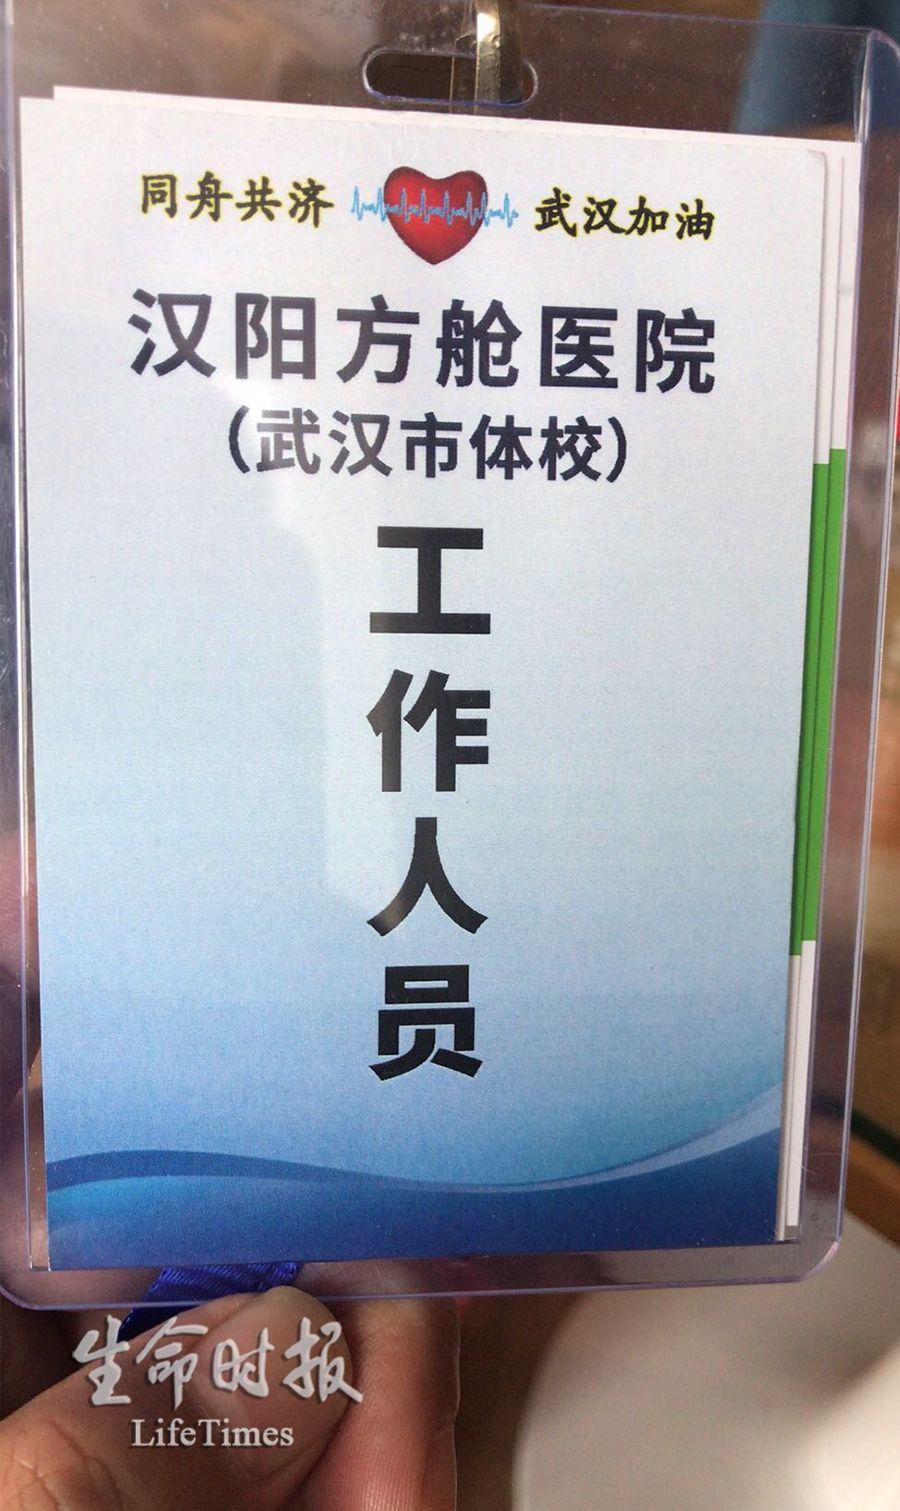 隔离14天还是立刻回家?武汉方舱医院志愿者陷入两难境地图片